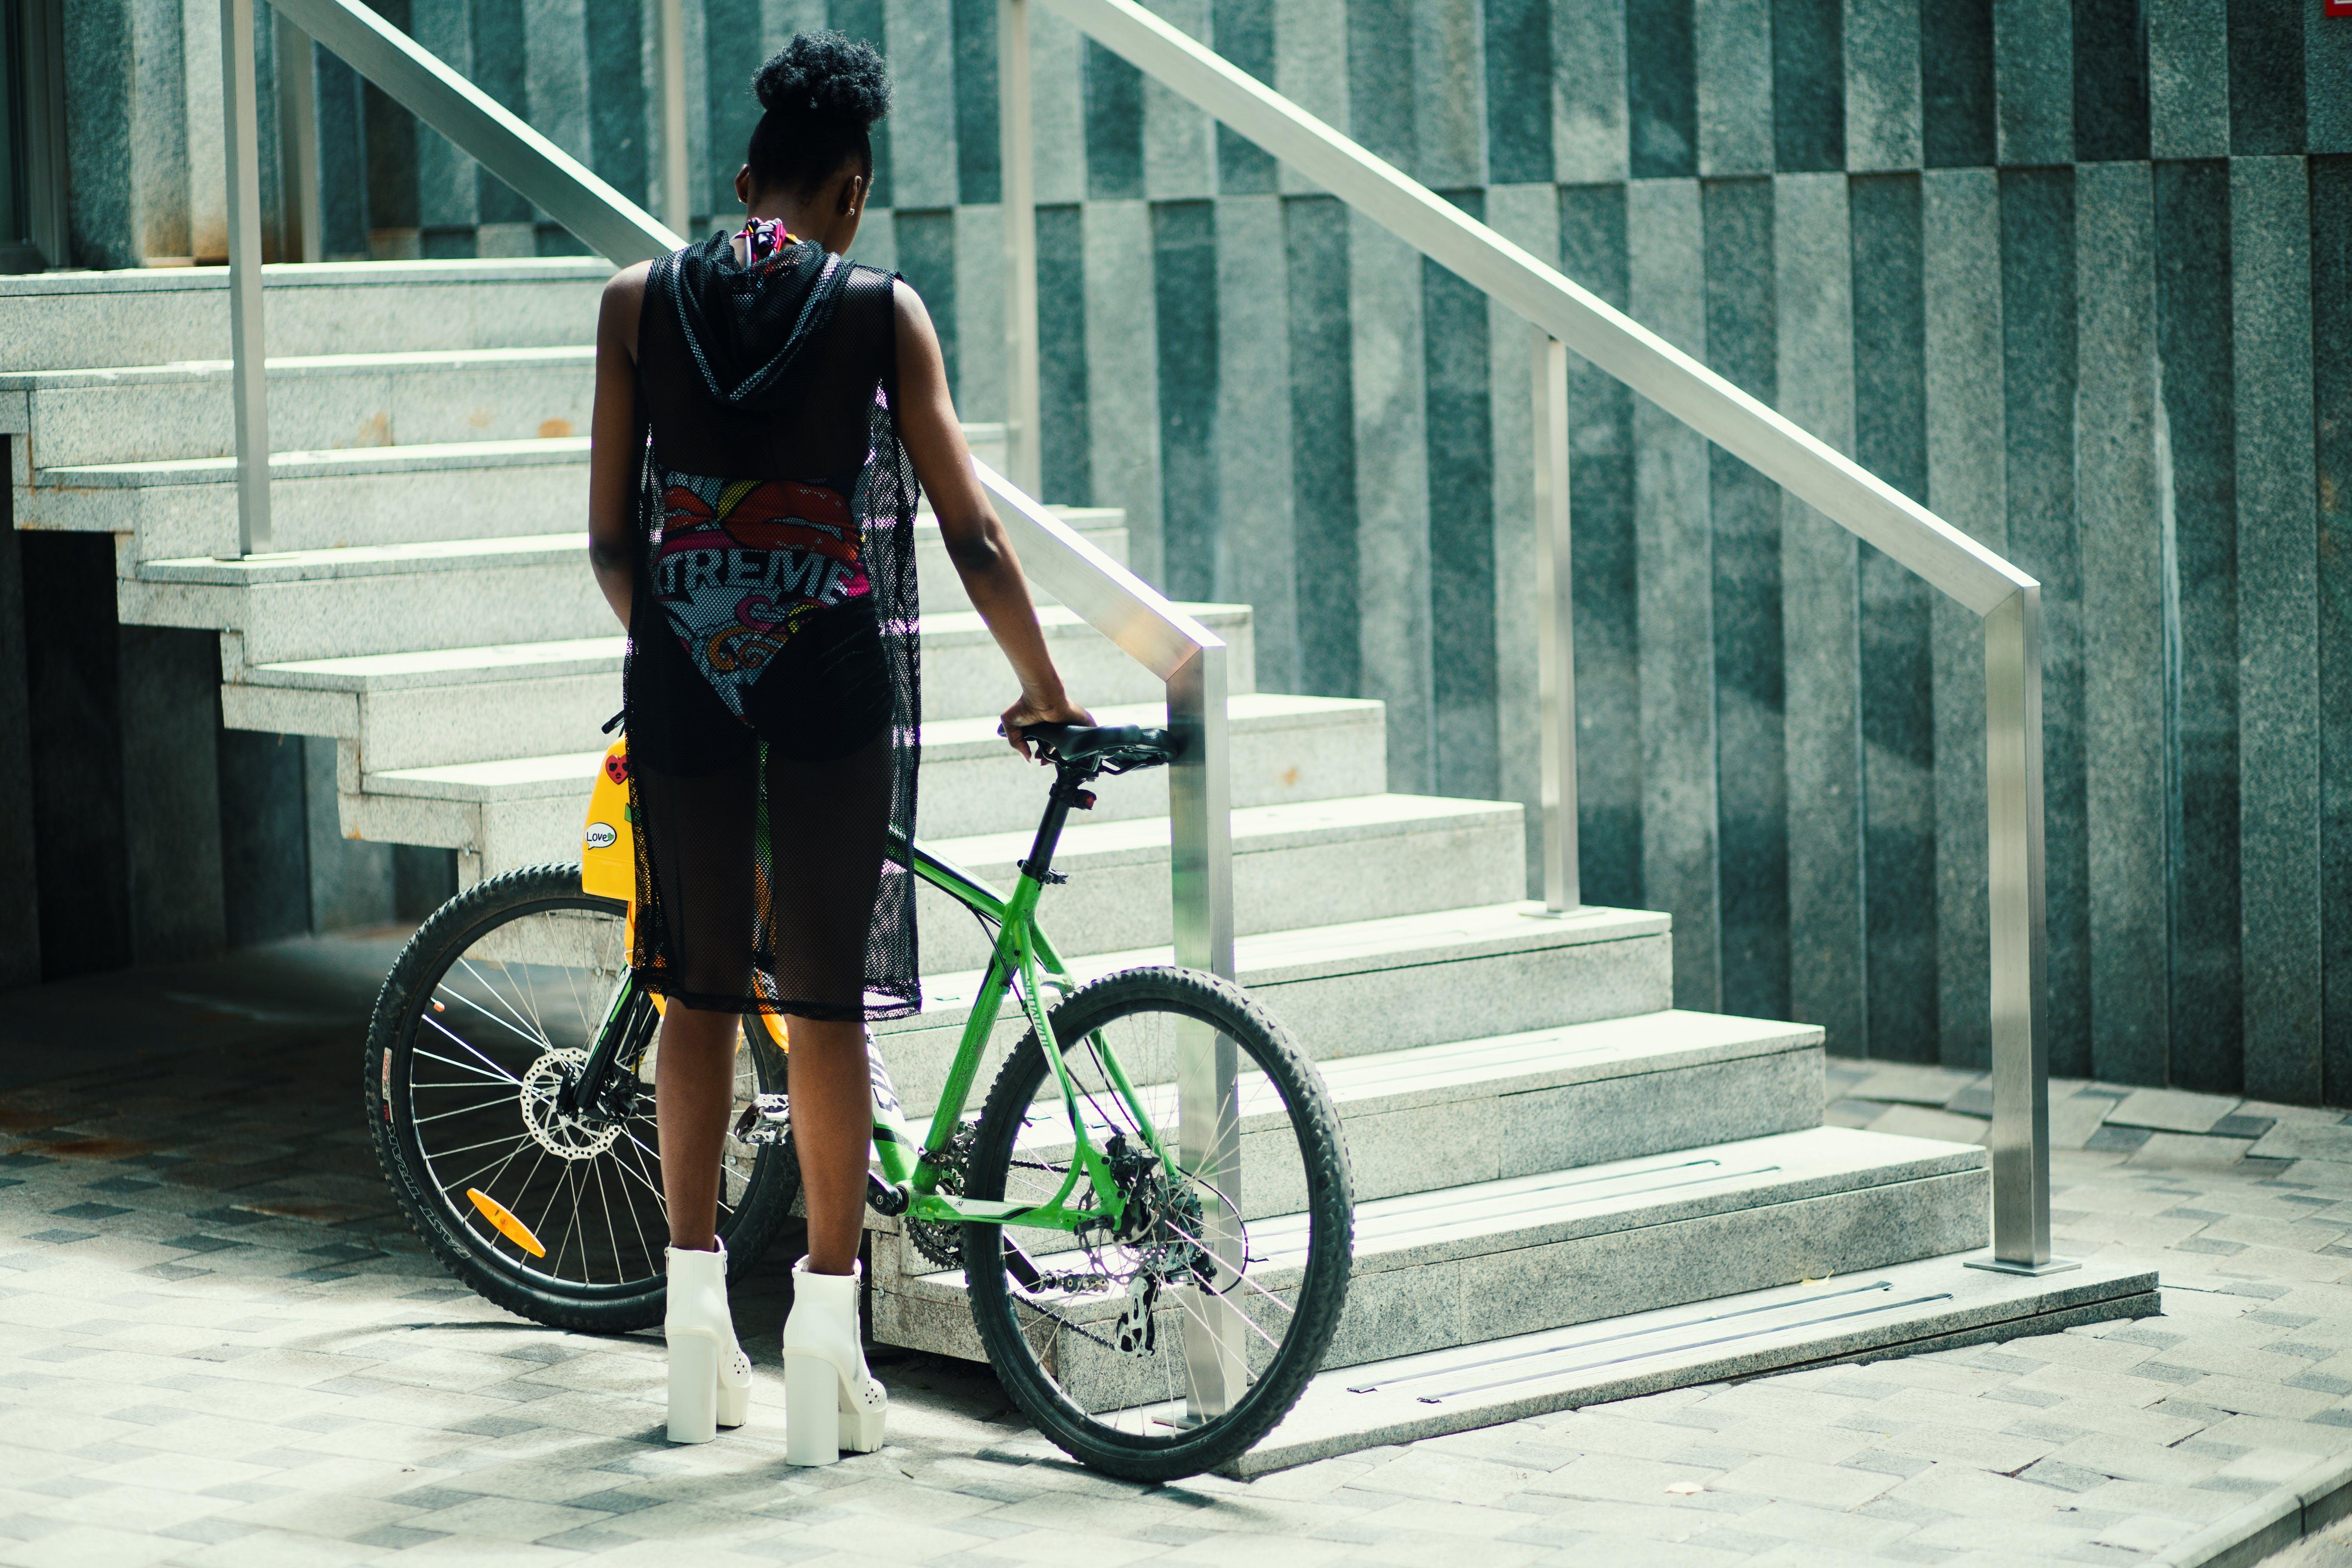 Fotos de stock gratuitas de actitud, atrás, atuendo, bicicleta